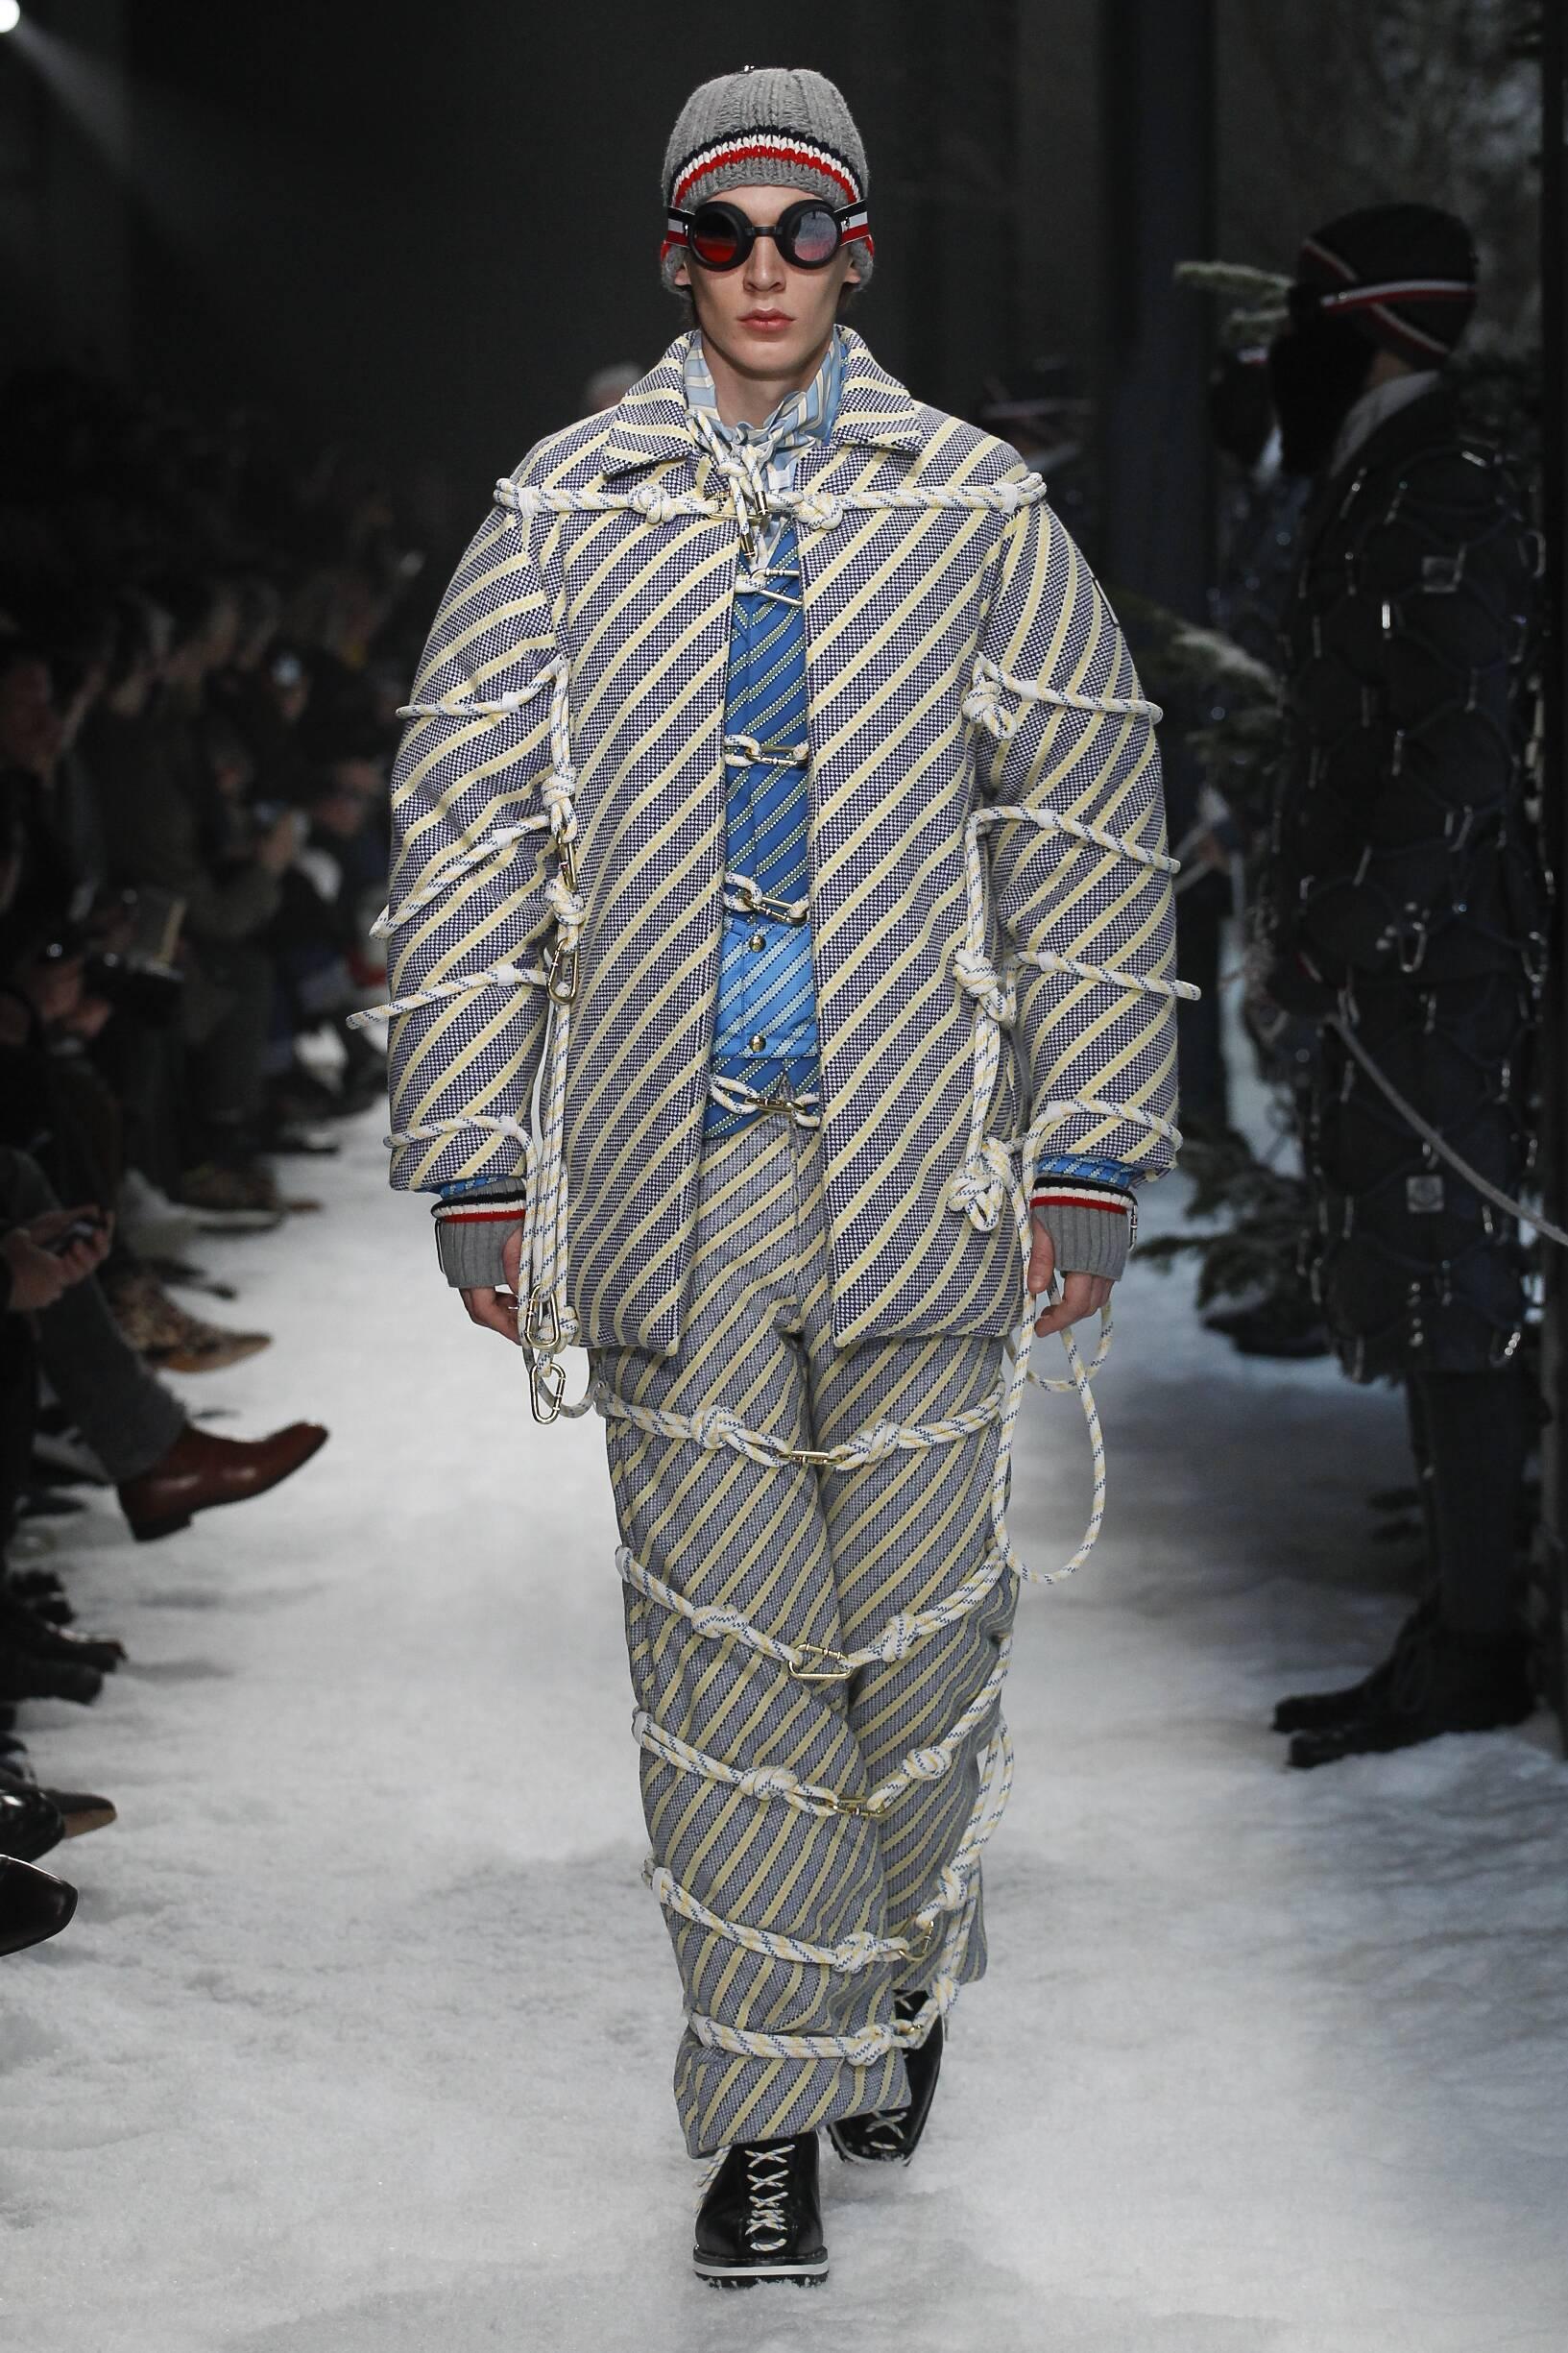 Moncler Gamme Bleu FW 2017 Menswear